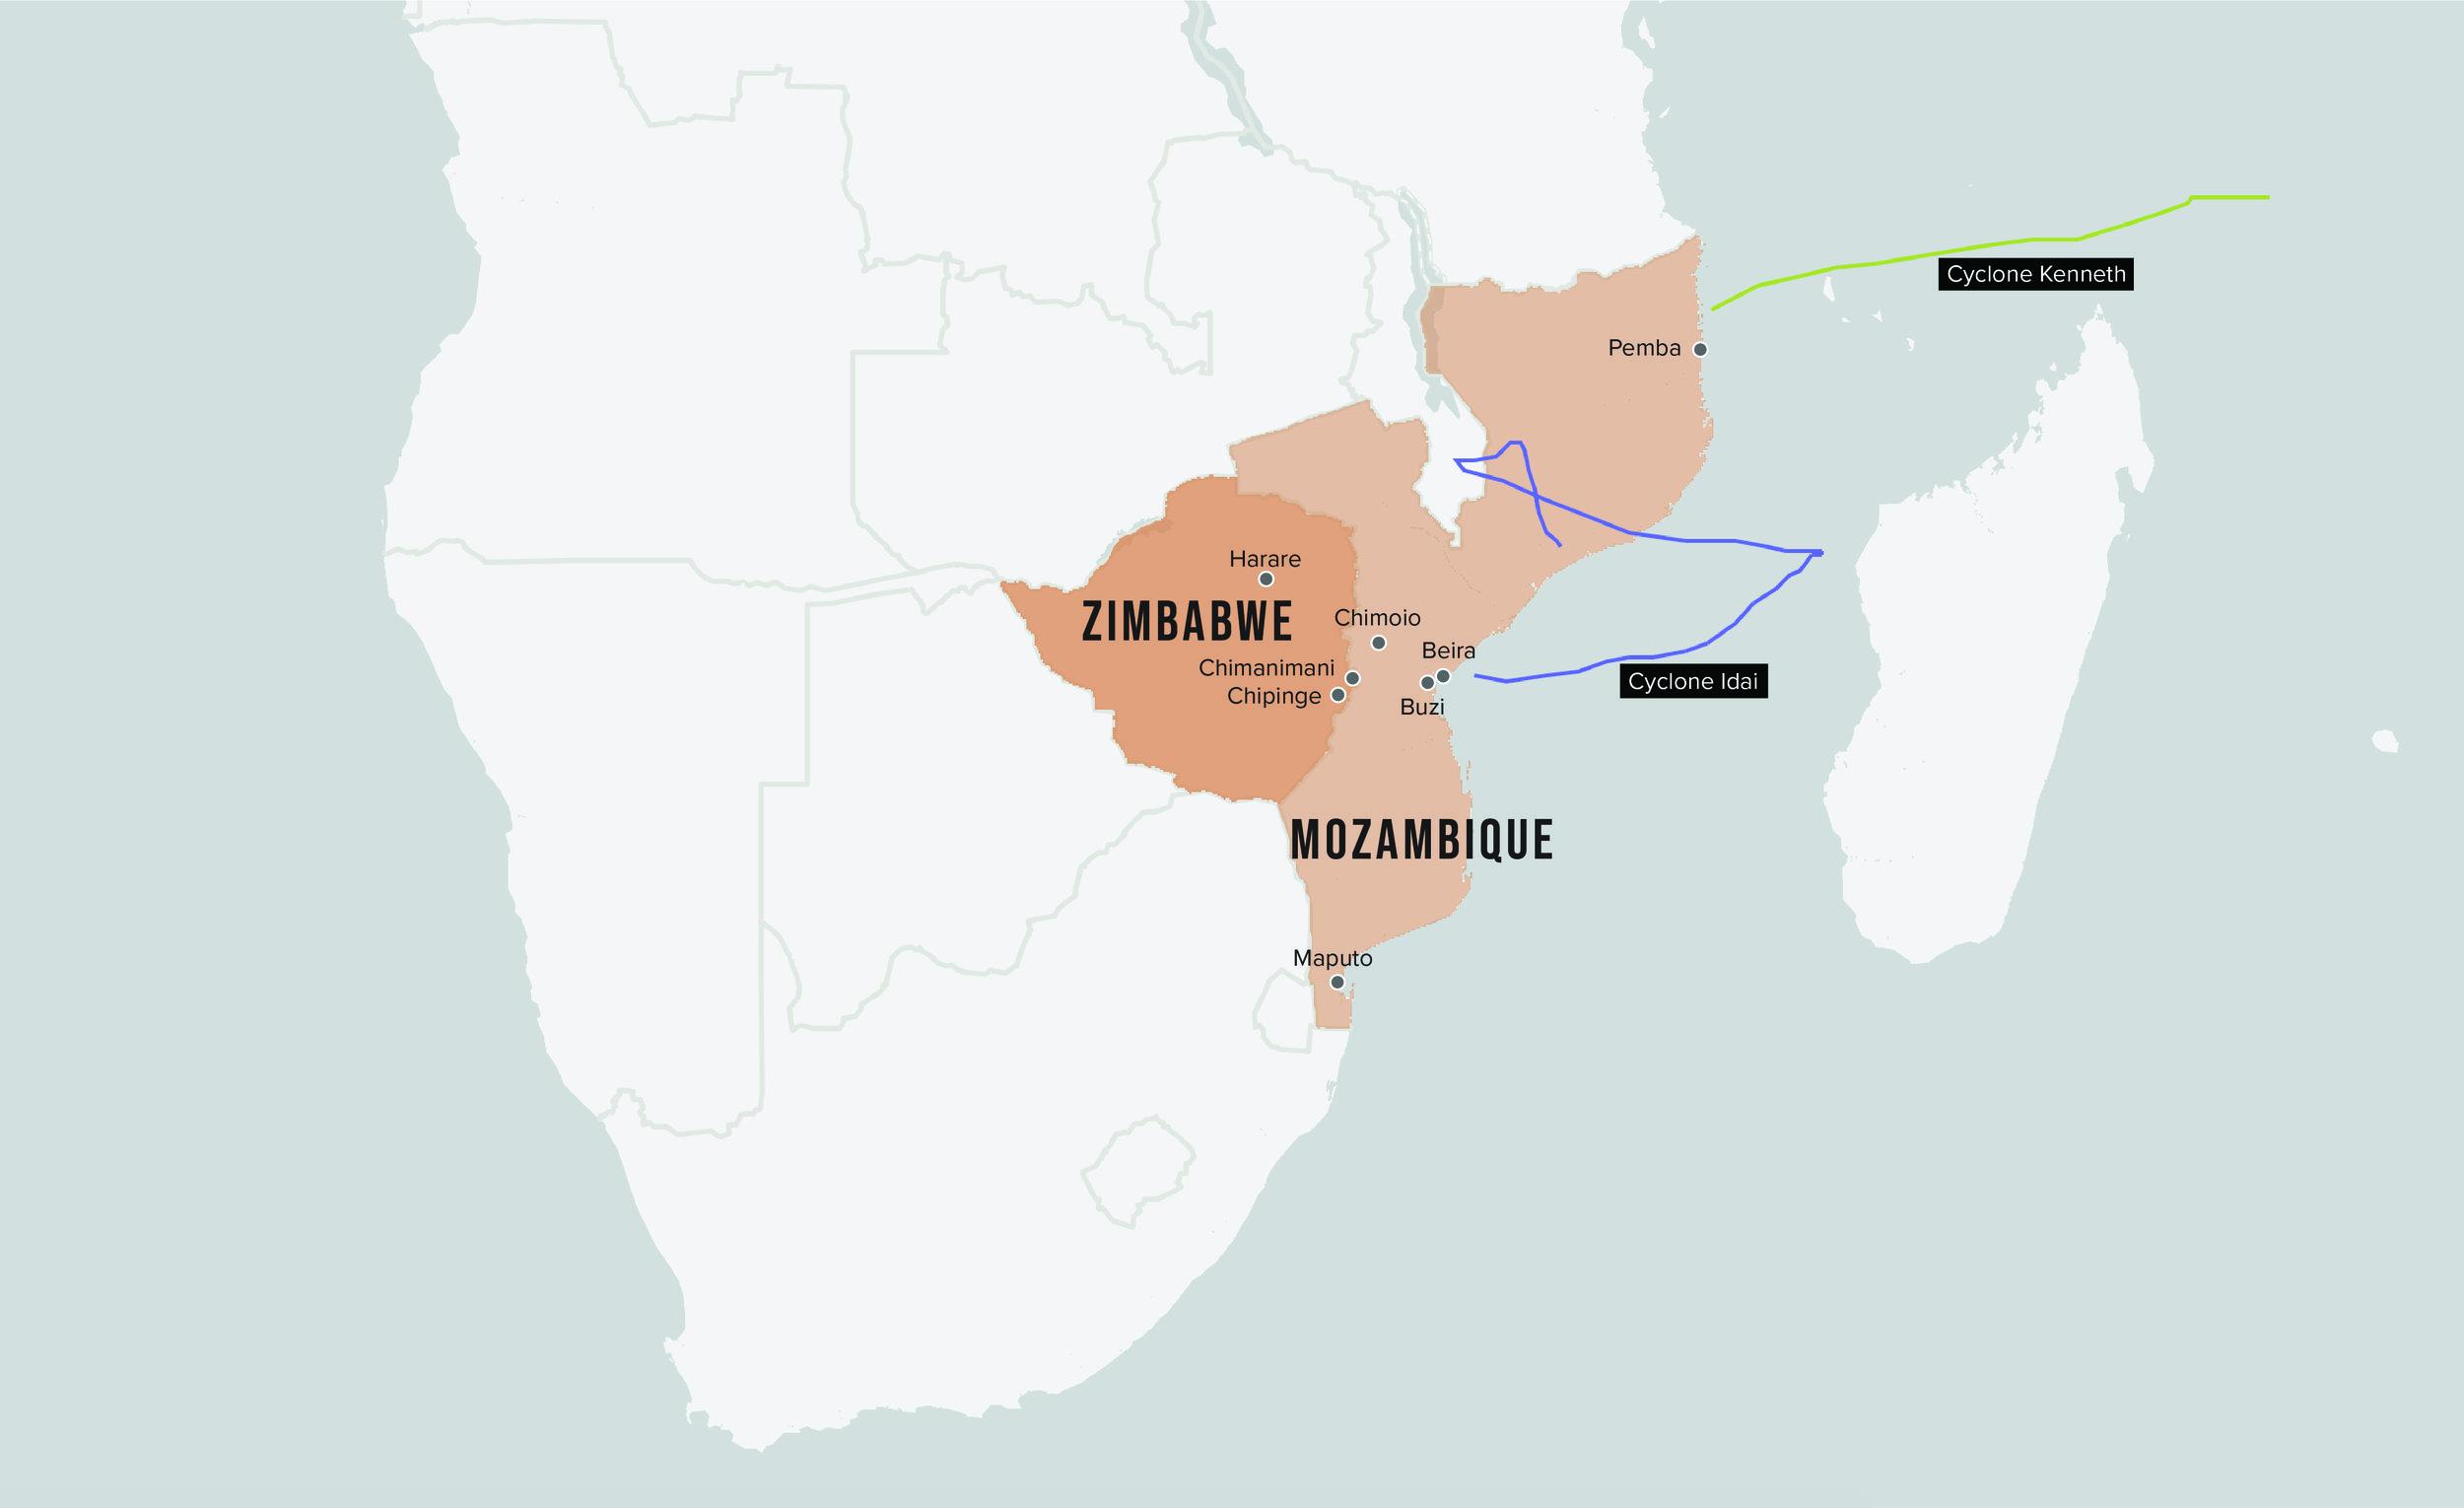 Mozambique-Zimbabwe Base Map 3.0-01.jpg